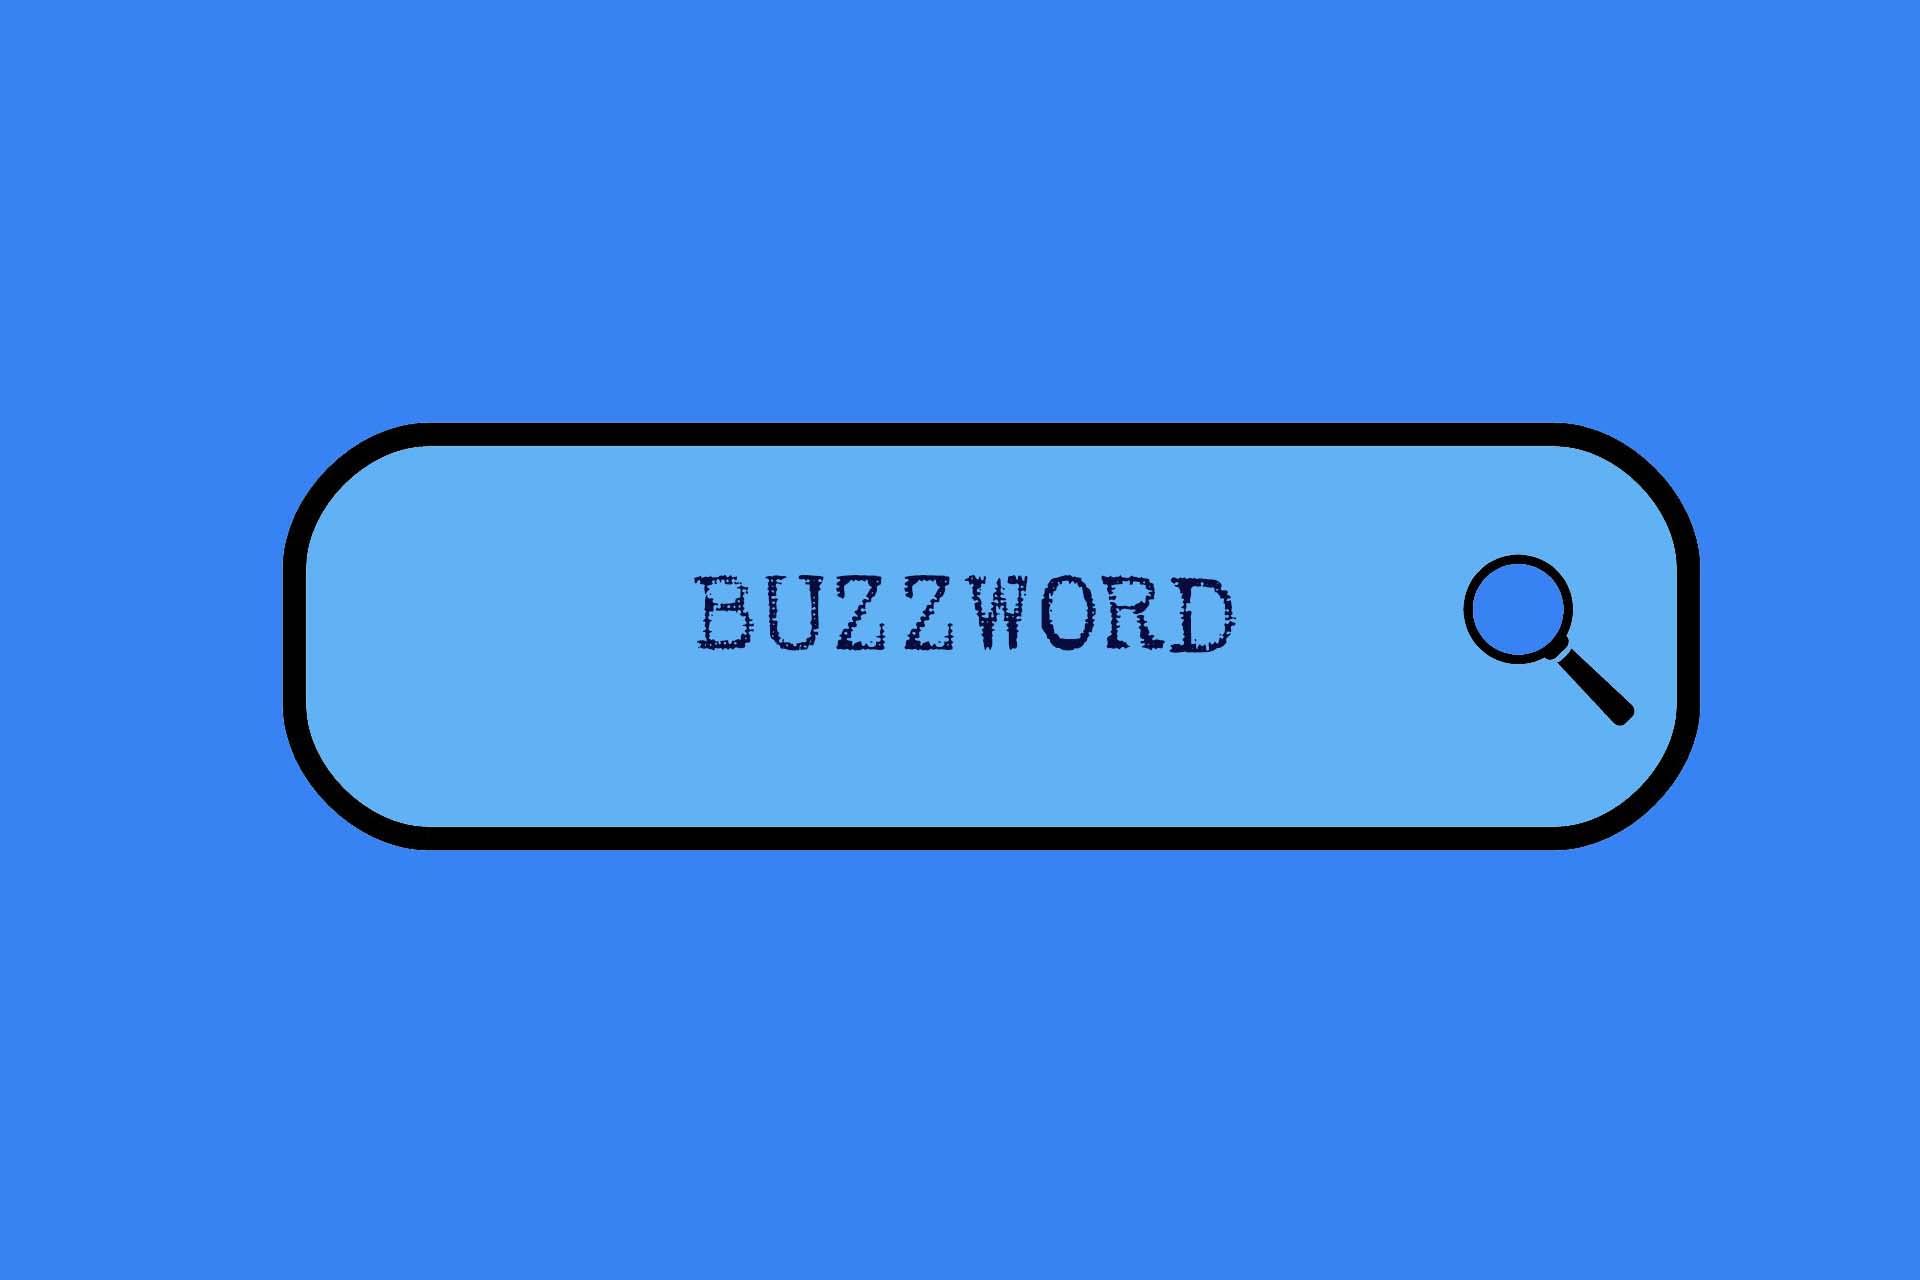 t2informatik Blog: A buzzword is a buzzword